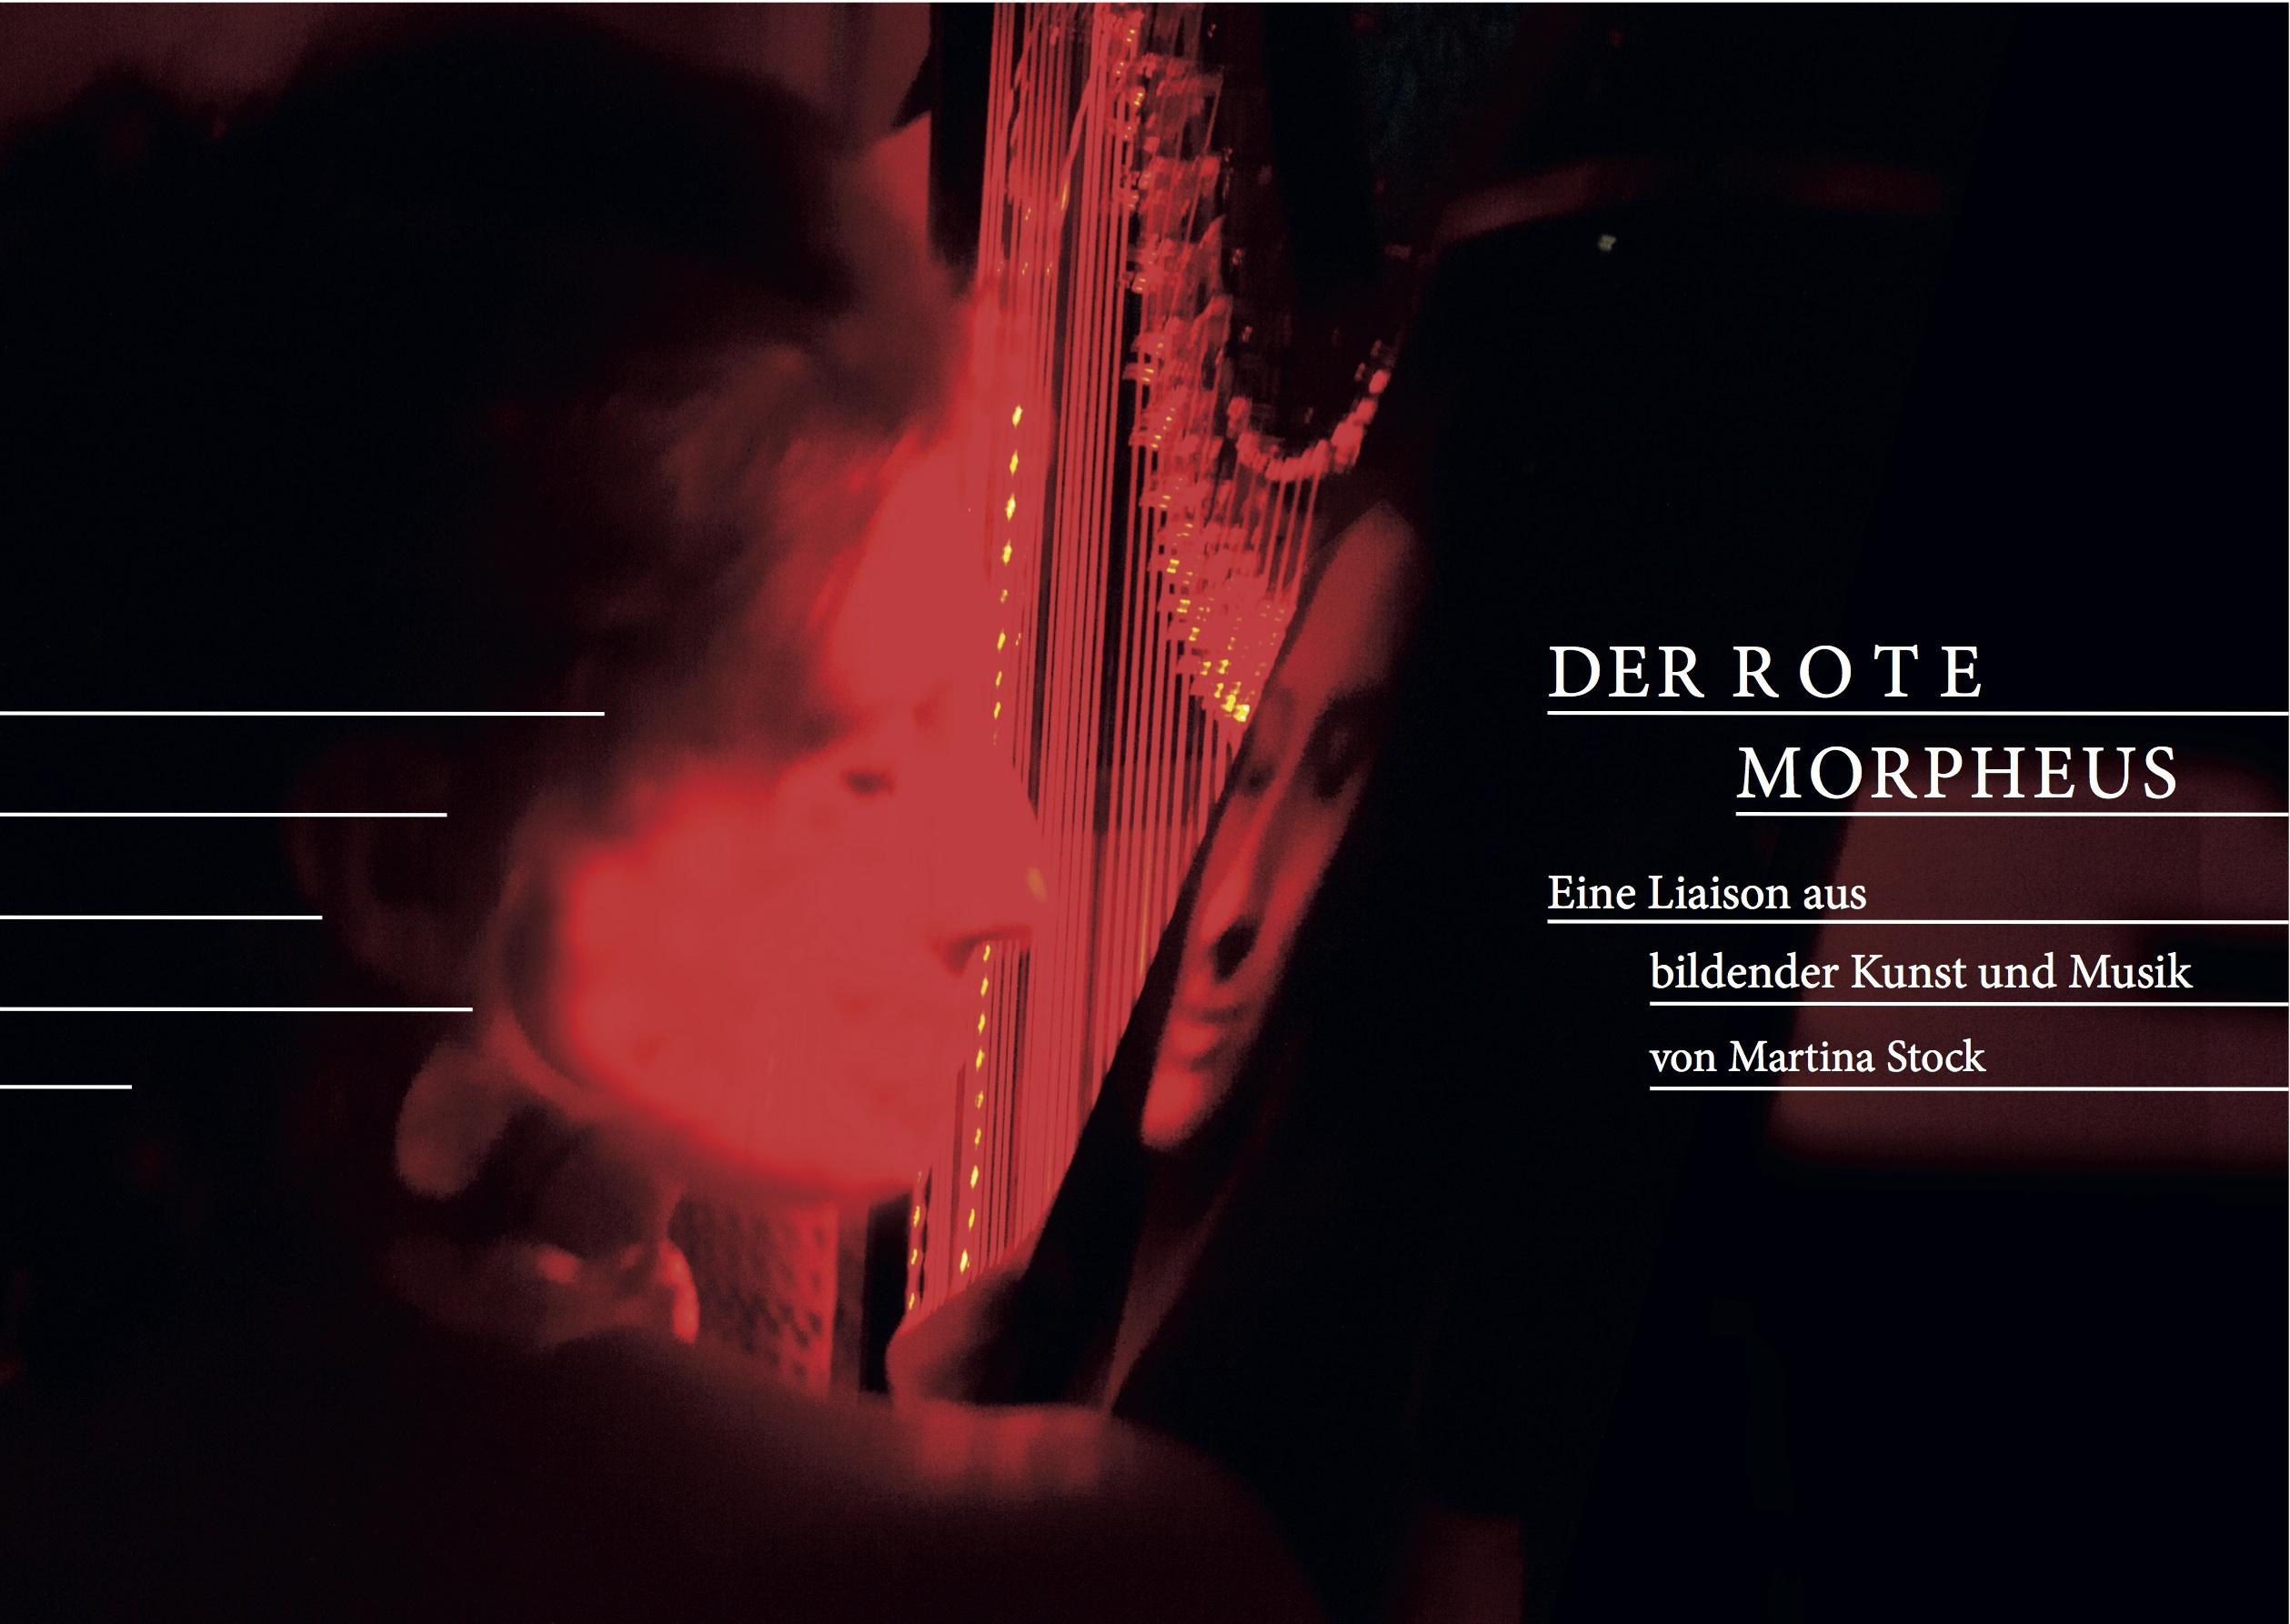 vorderseite_der-rote-morpheus_martina-stock_2016-kopie-2